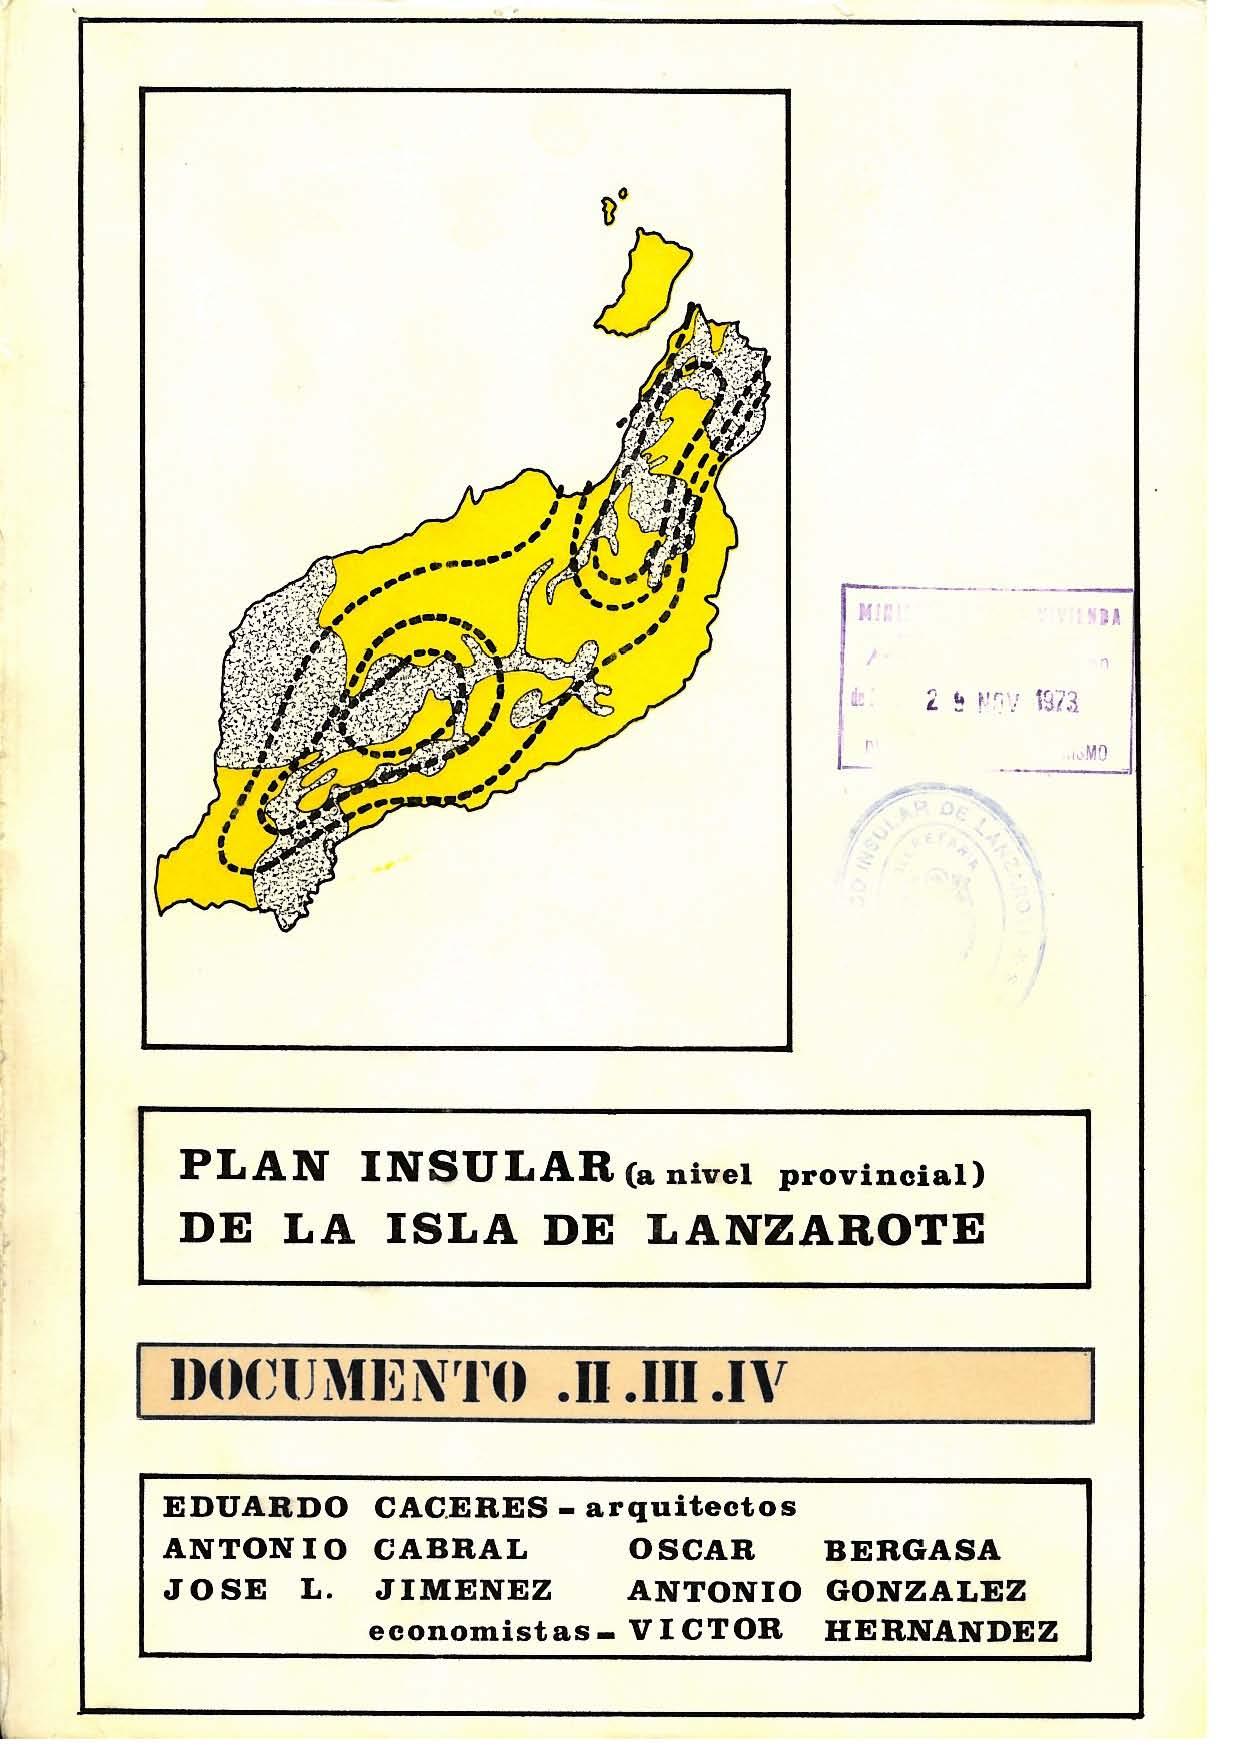 Documento IV (Plan de 1973): Coordinación del planeamiento